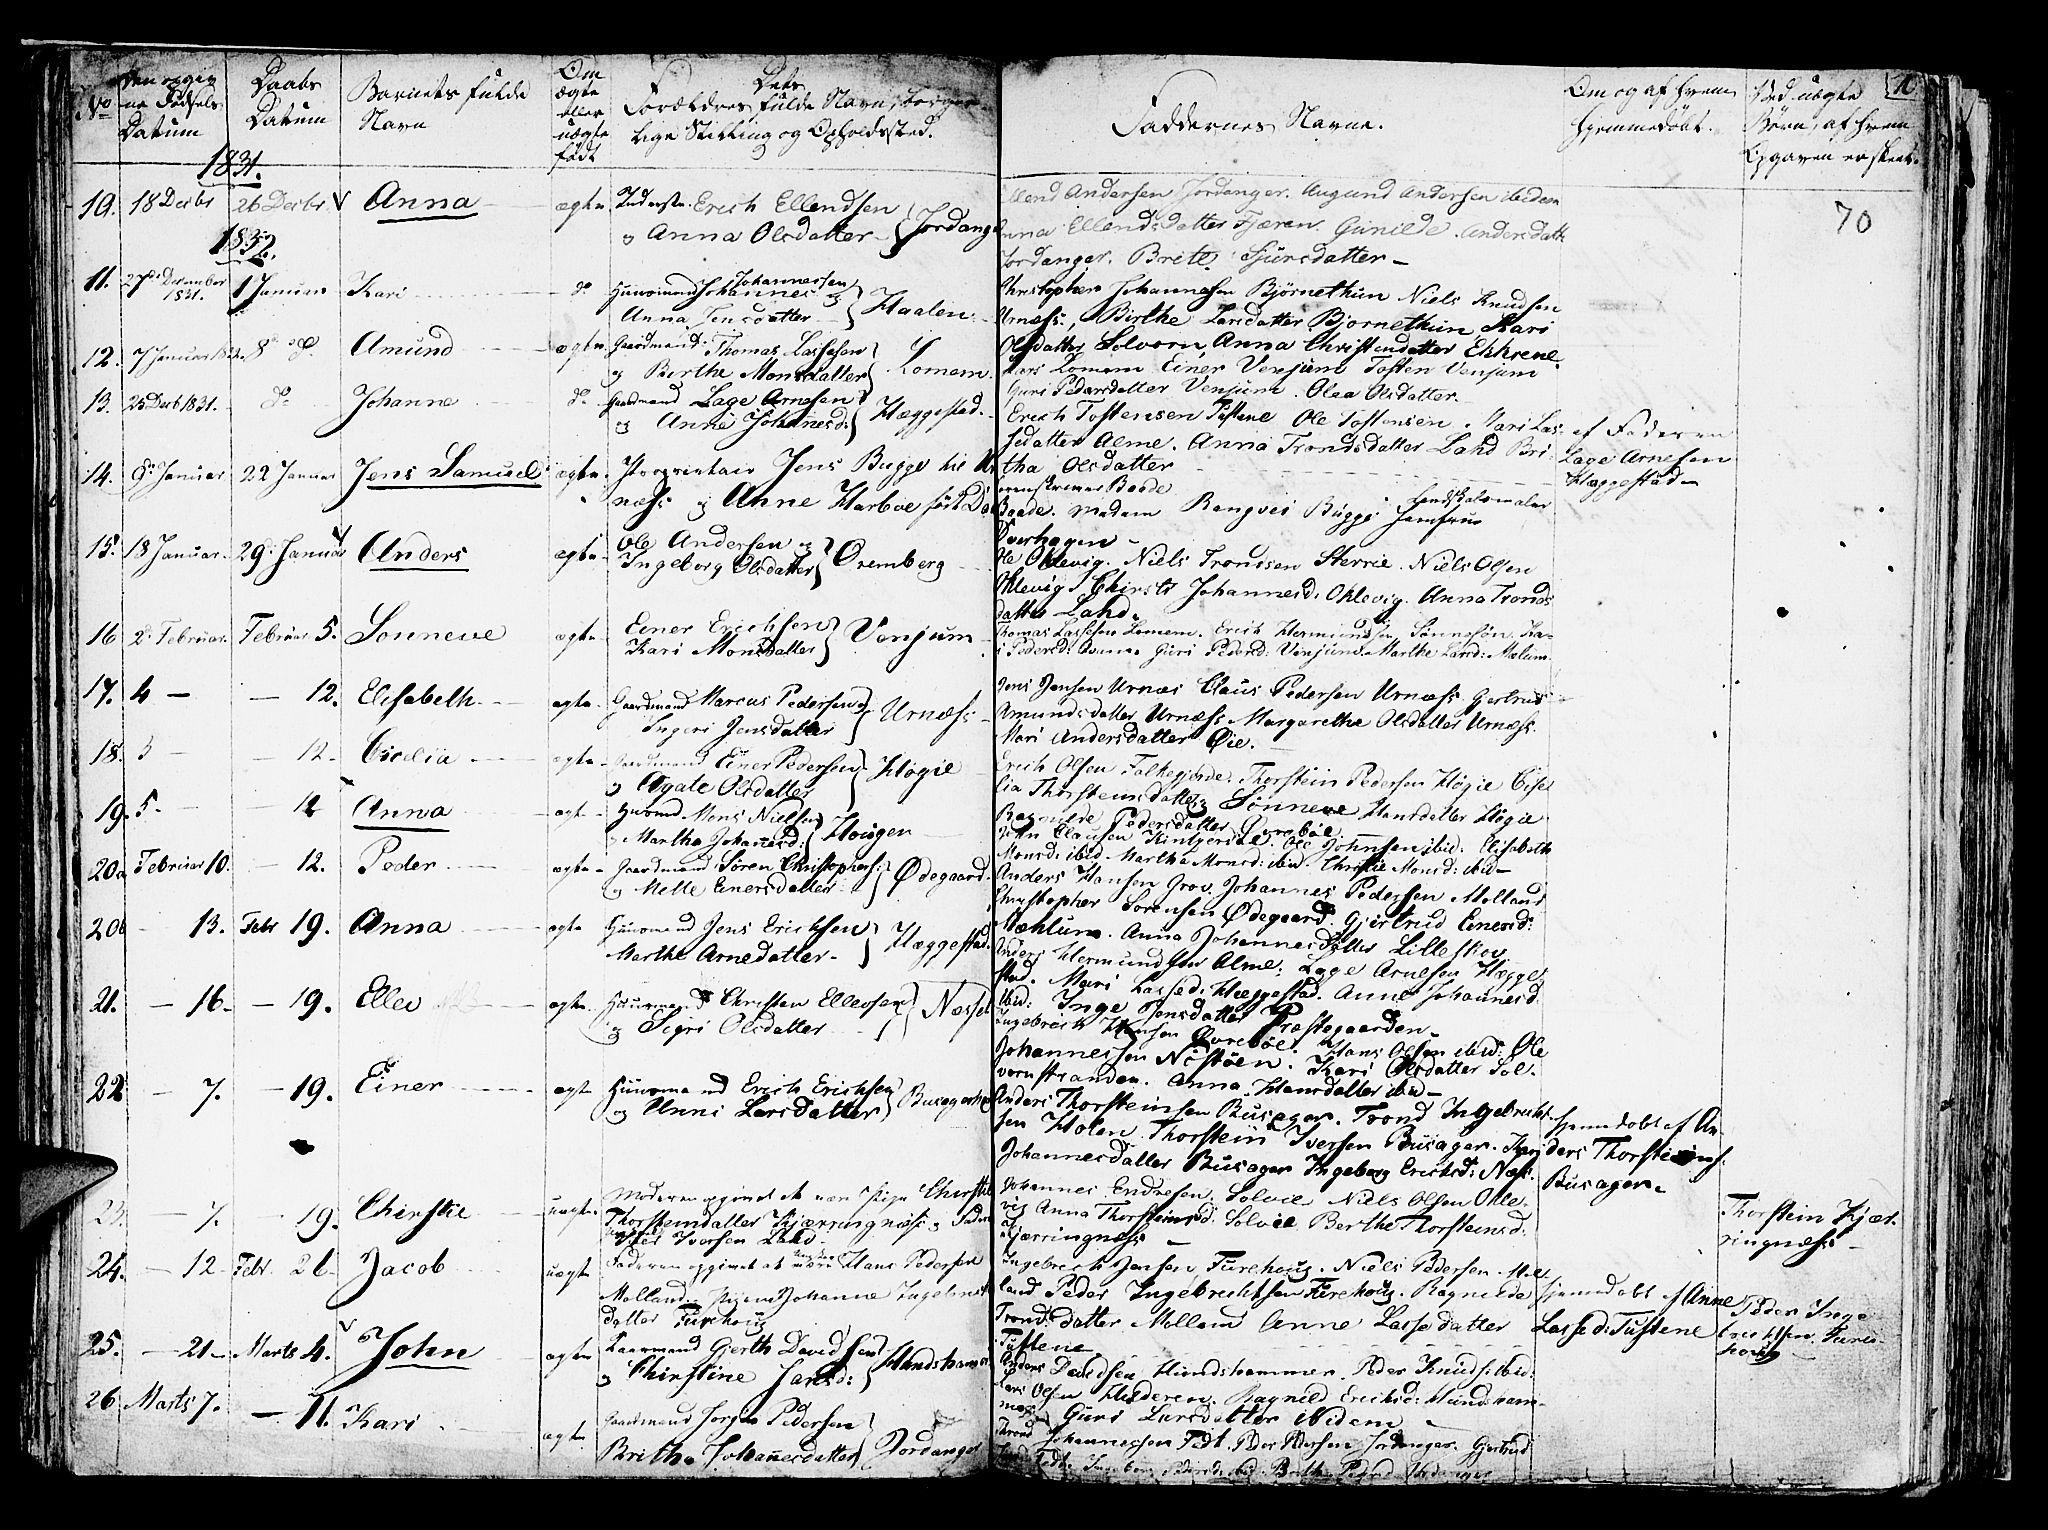 SAB, Hafslo Sokneprestembete, Ministerialbok nr. A 4, 1821-1834, s. 70